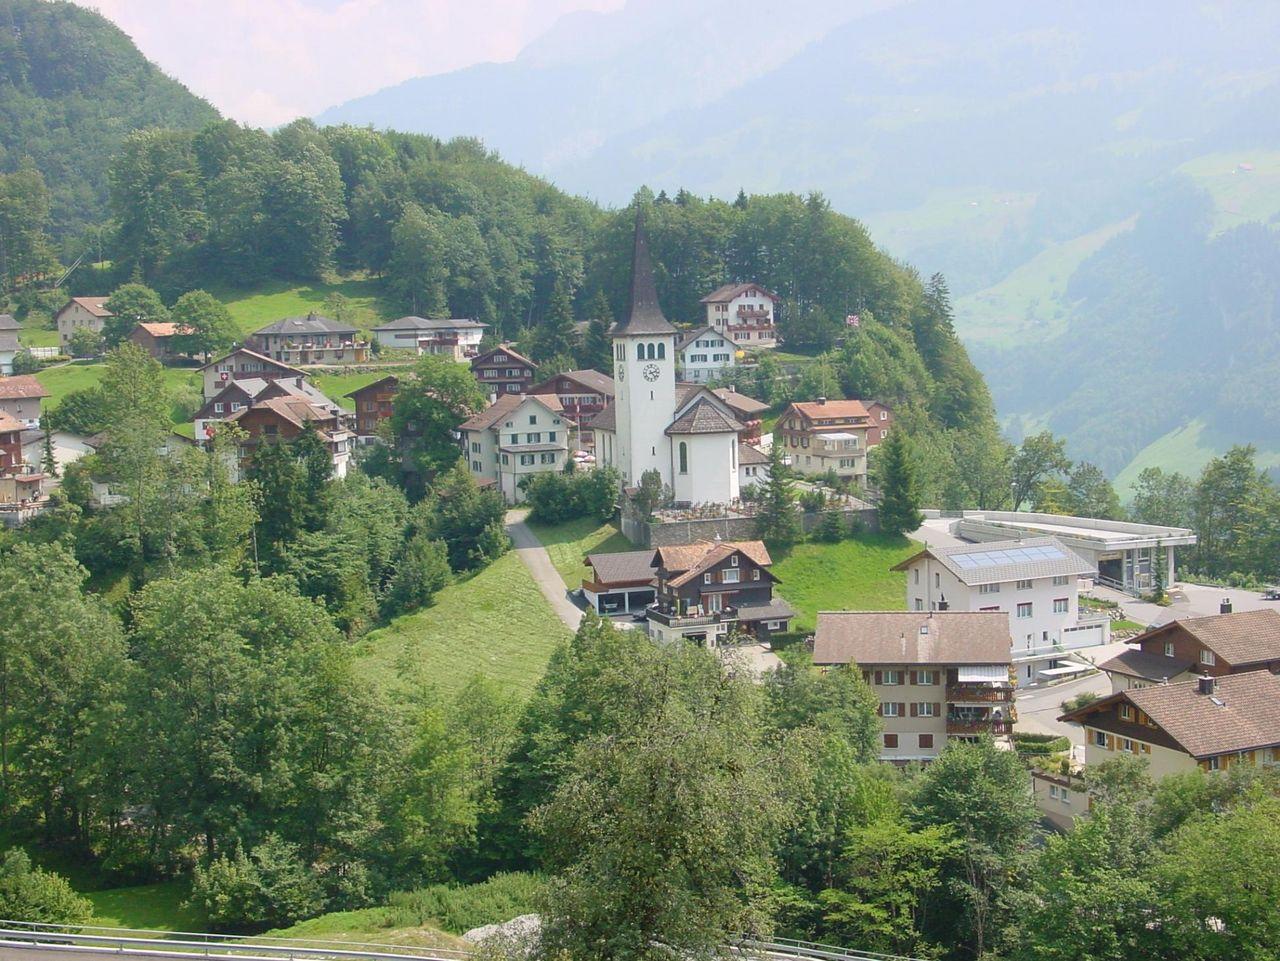 H) Etappe: Illgau - Muotatal